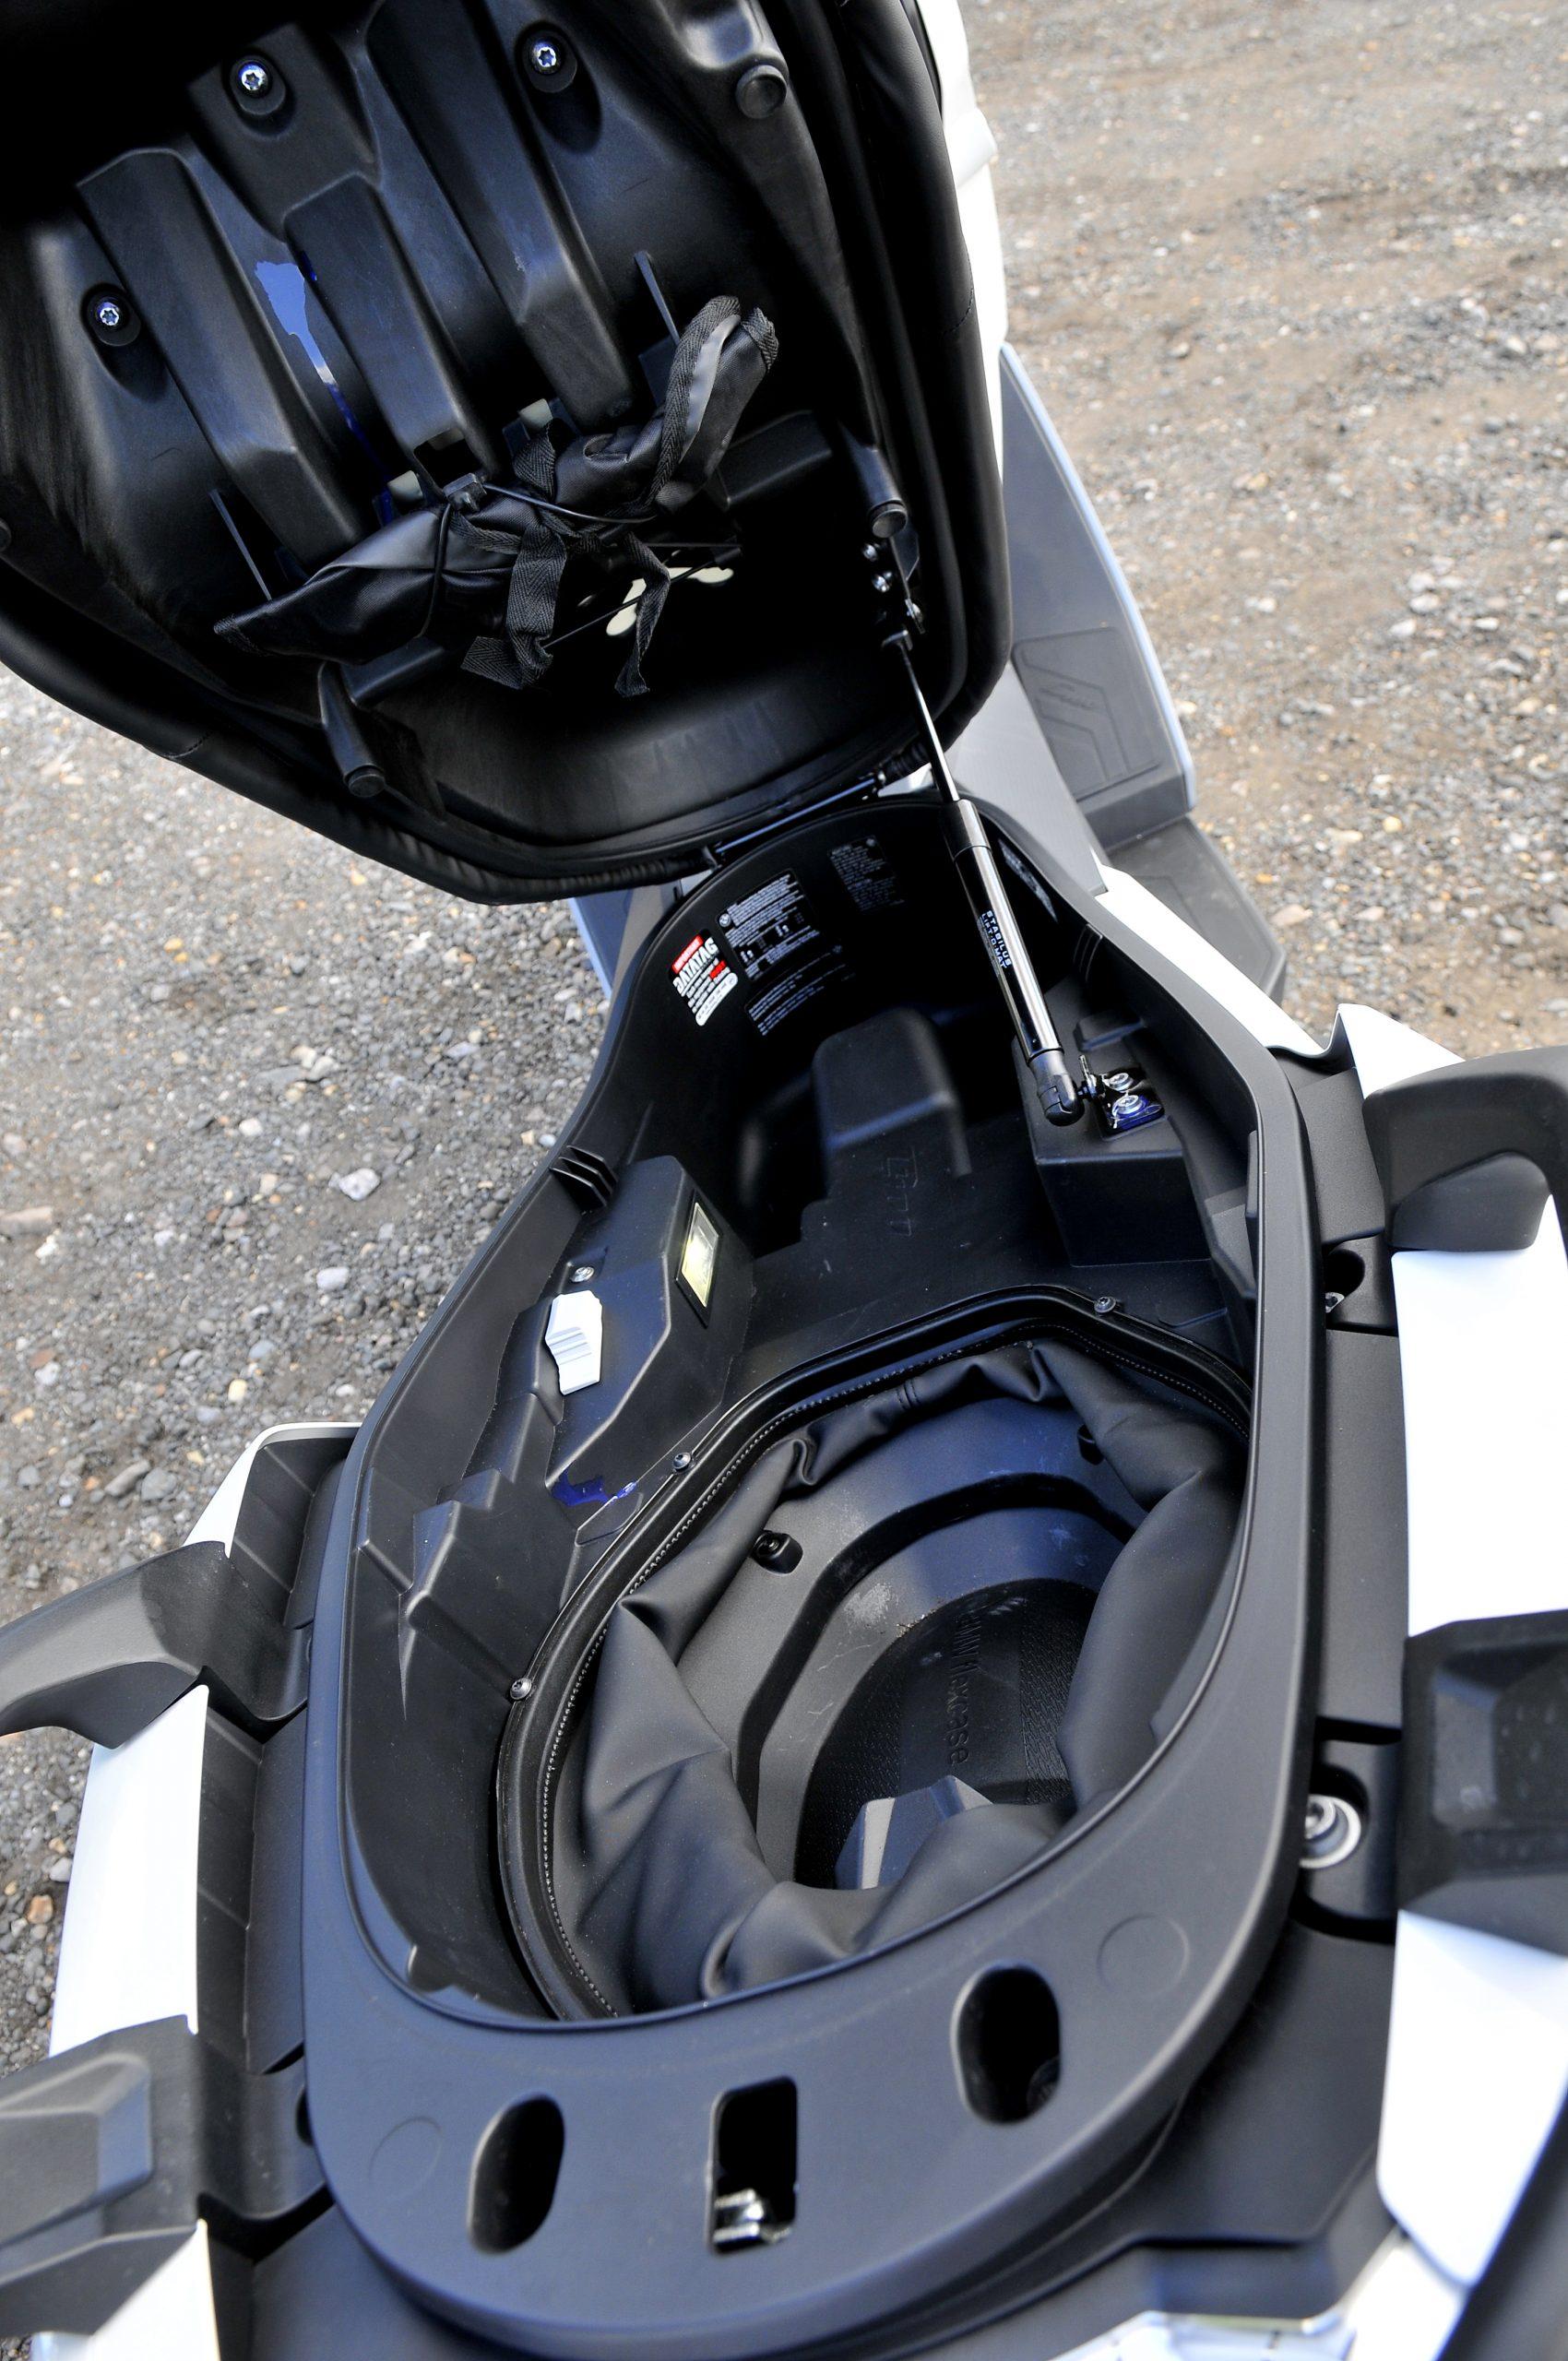 Storage on BMW C400 GT